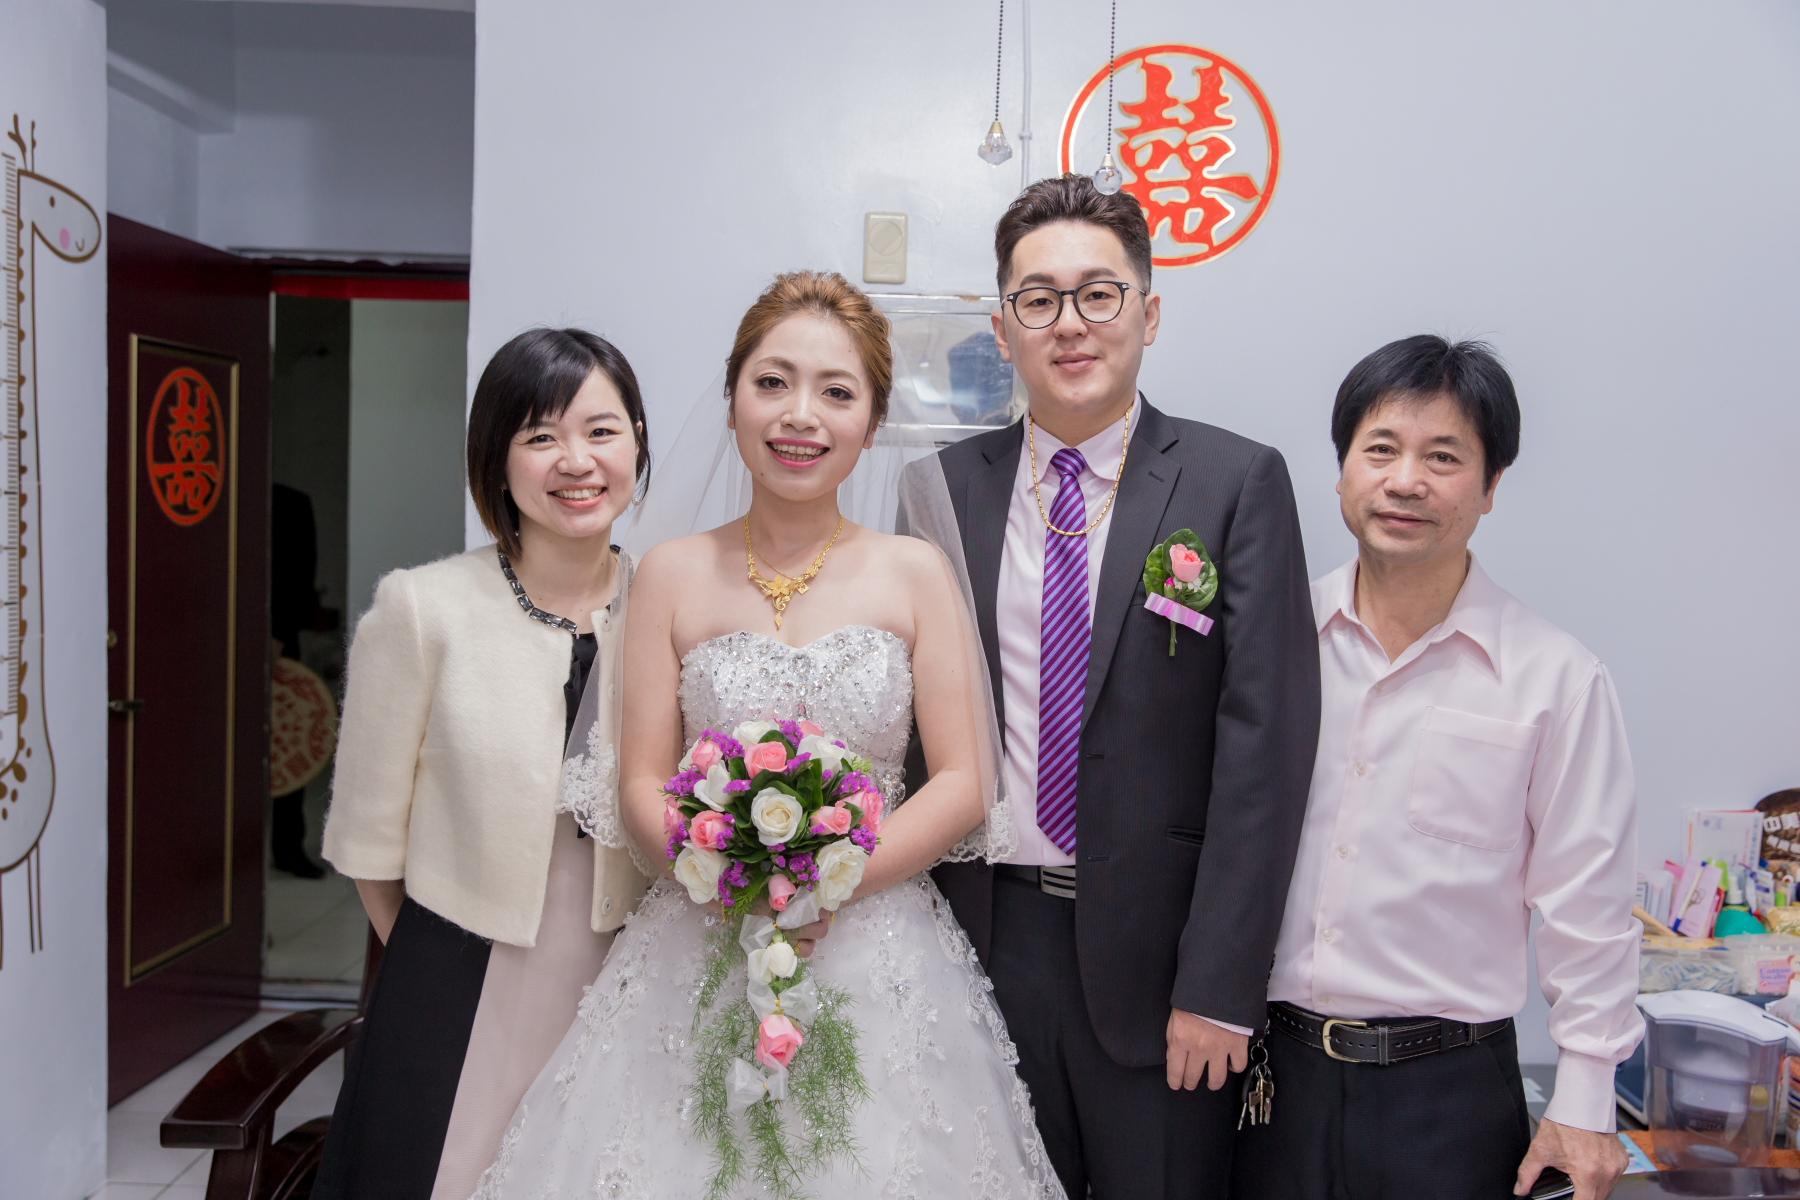 峻誌毓潔婚禮180